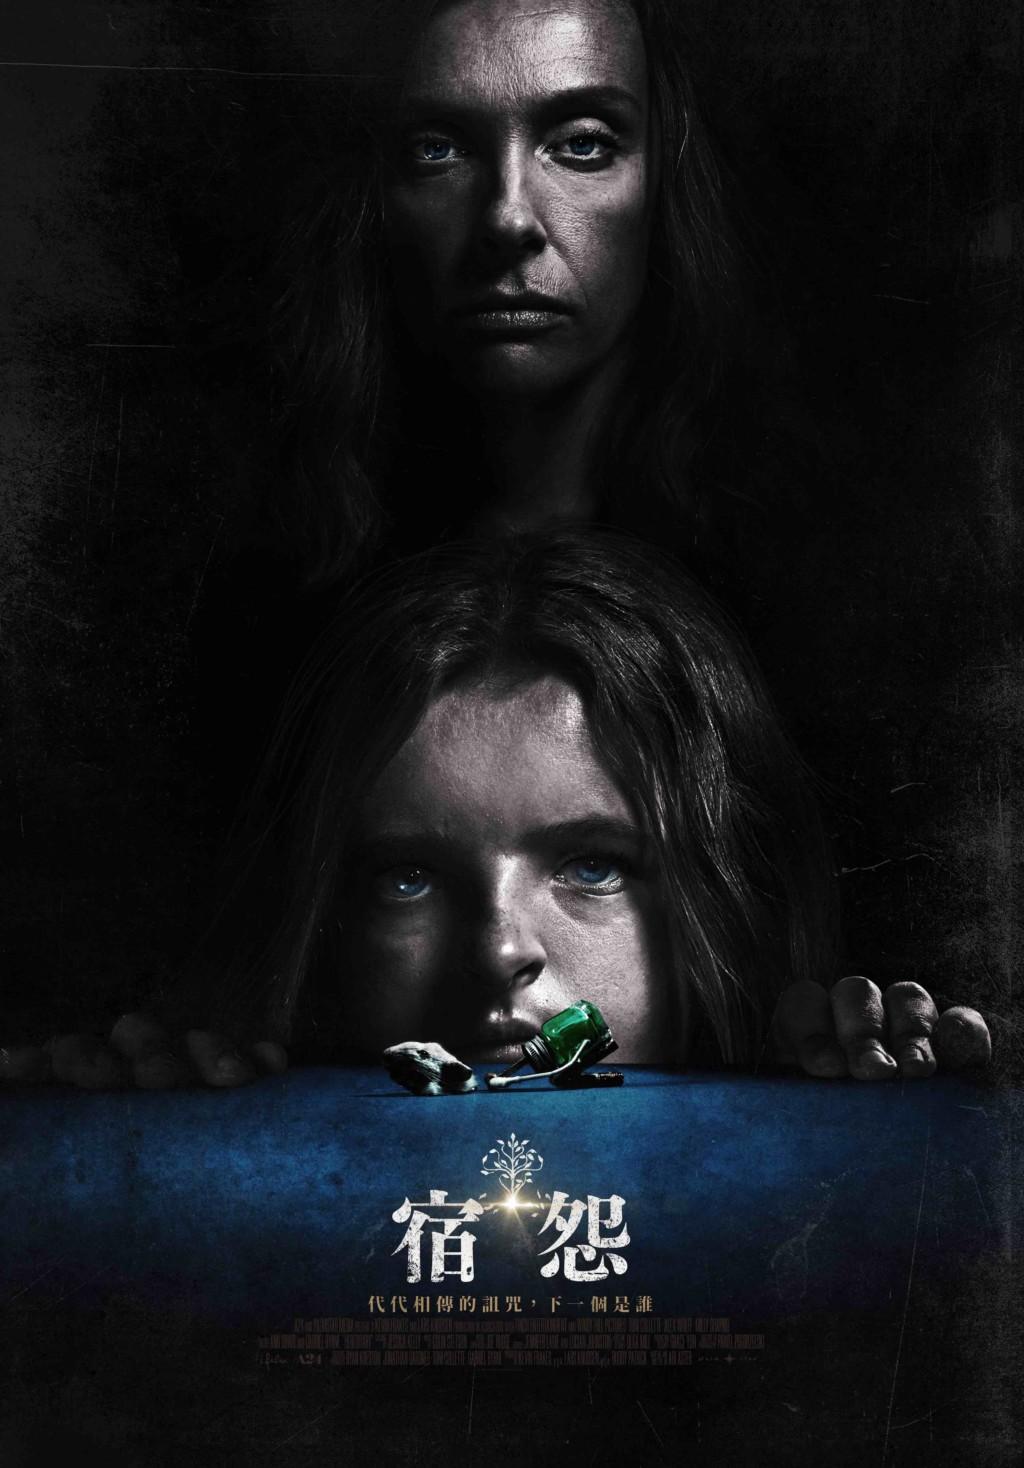 15部爛蕃茄認證2018年「看完絕對睡不著」的最佳恐怖電影 第1名準備拍續集!